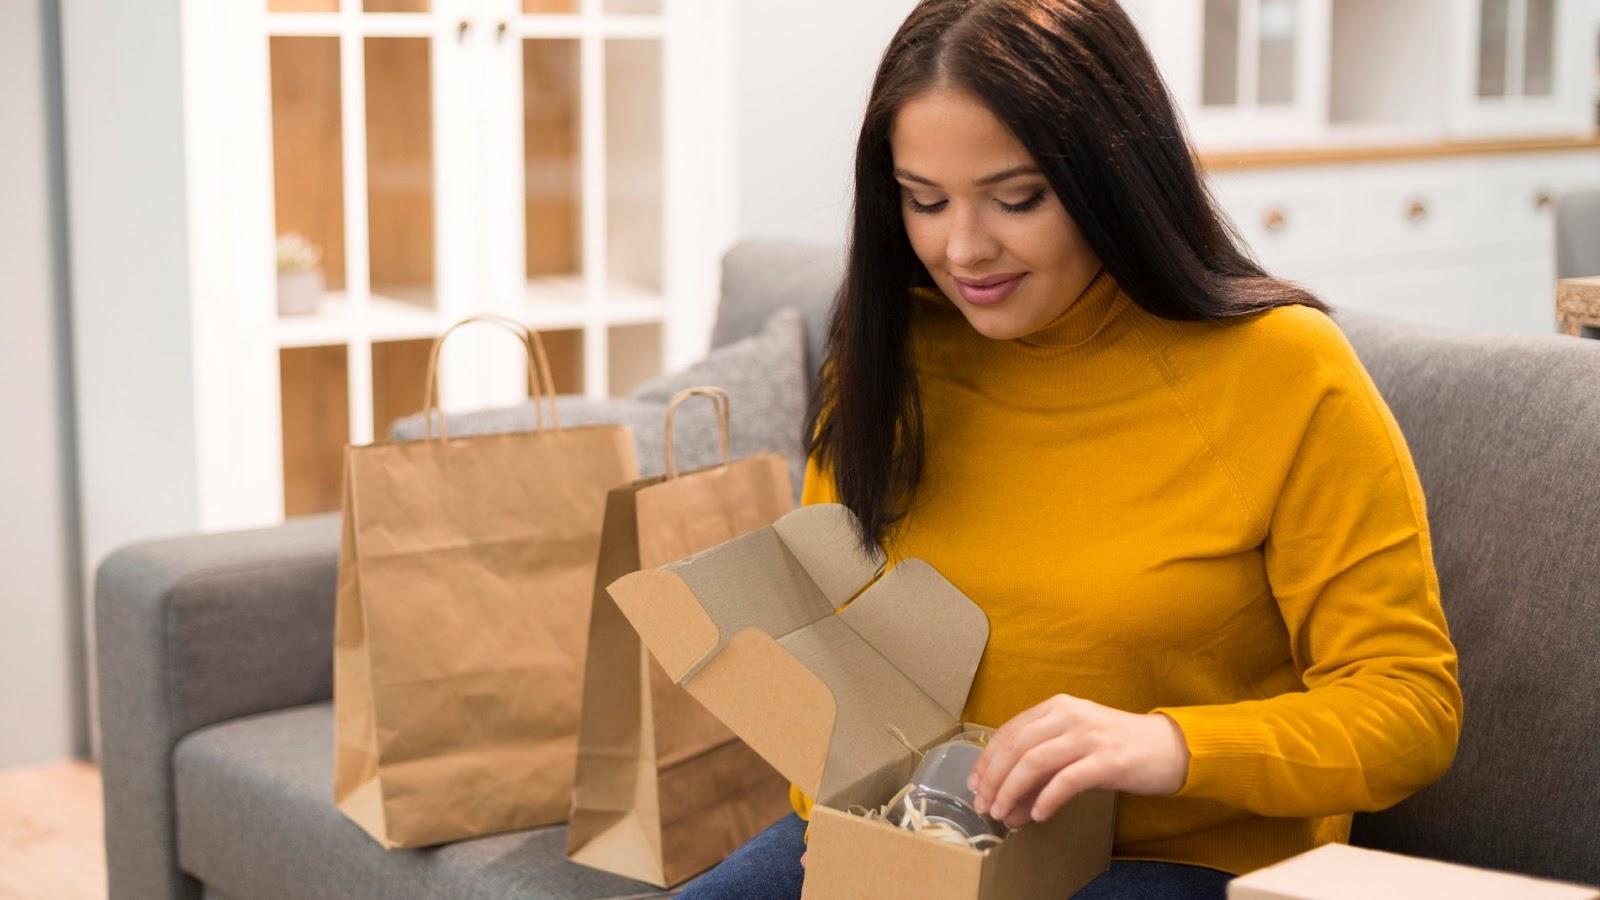 Se preocupar com a unboxing experience do cliente pode se tornar um diferencial do seu negócio na entrega de produtos. (Foto: FreePik)